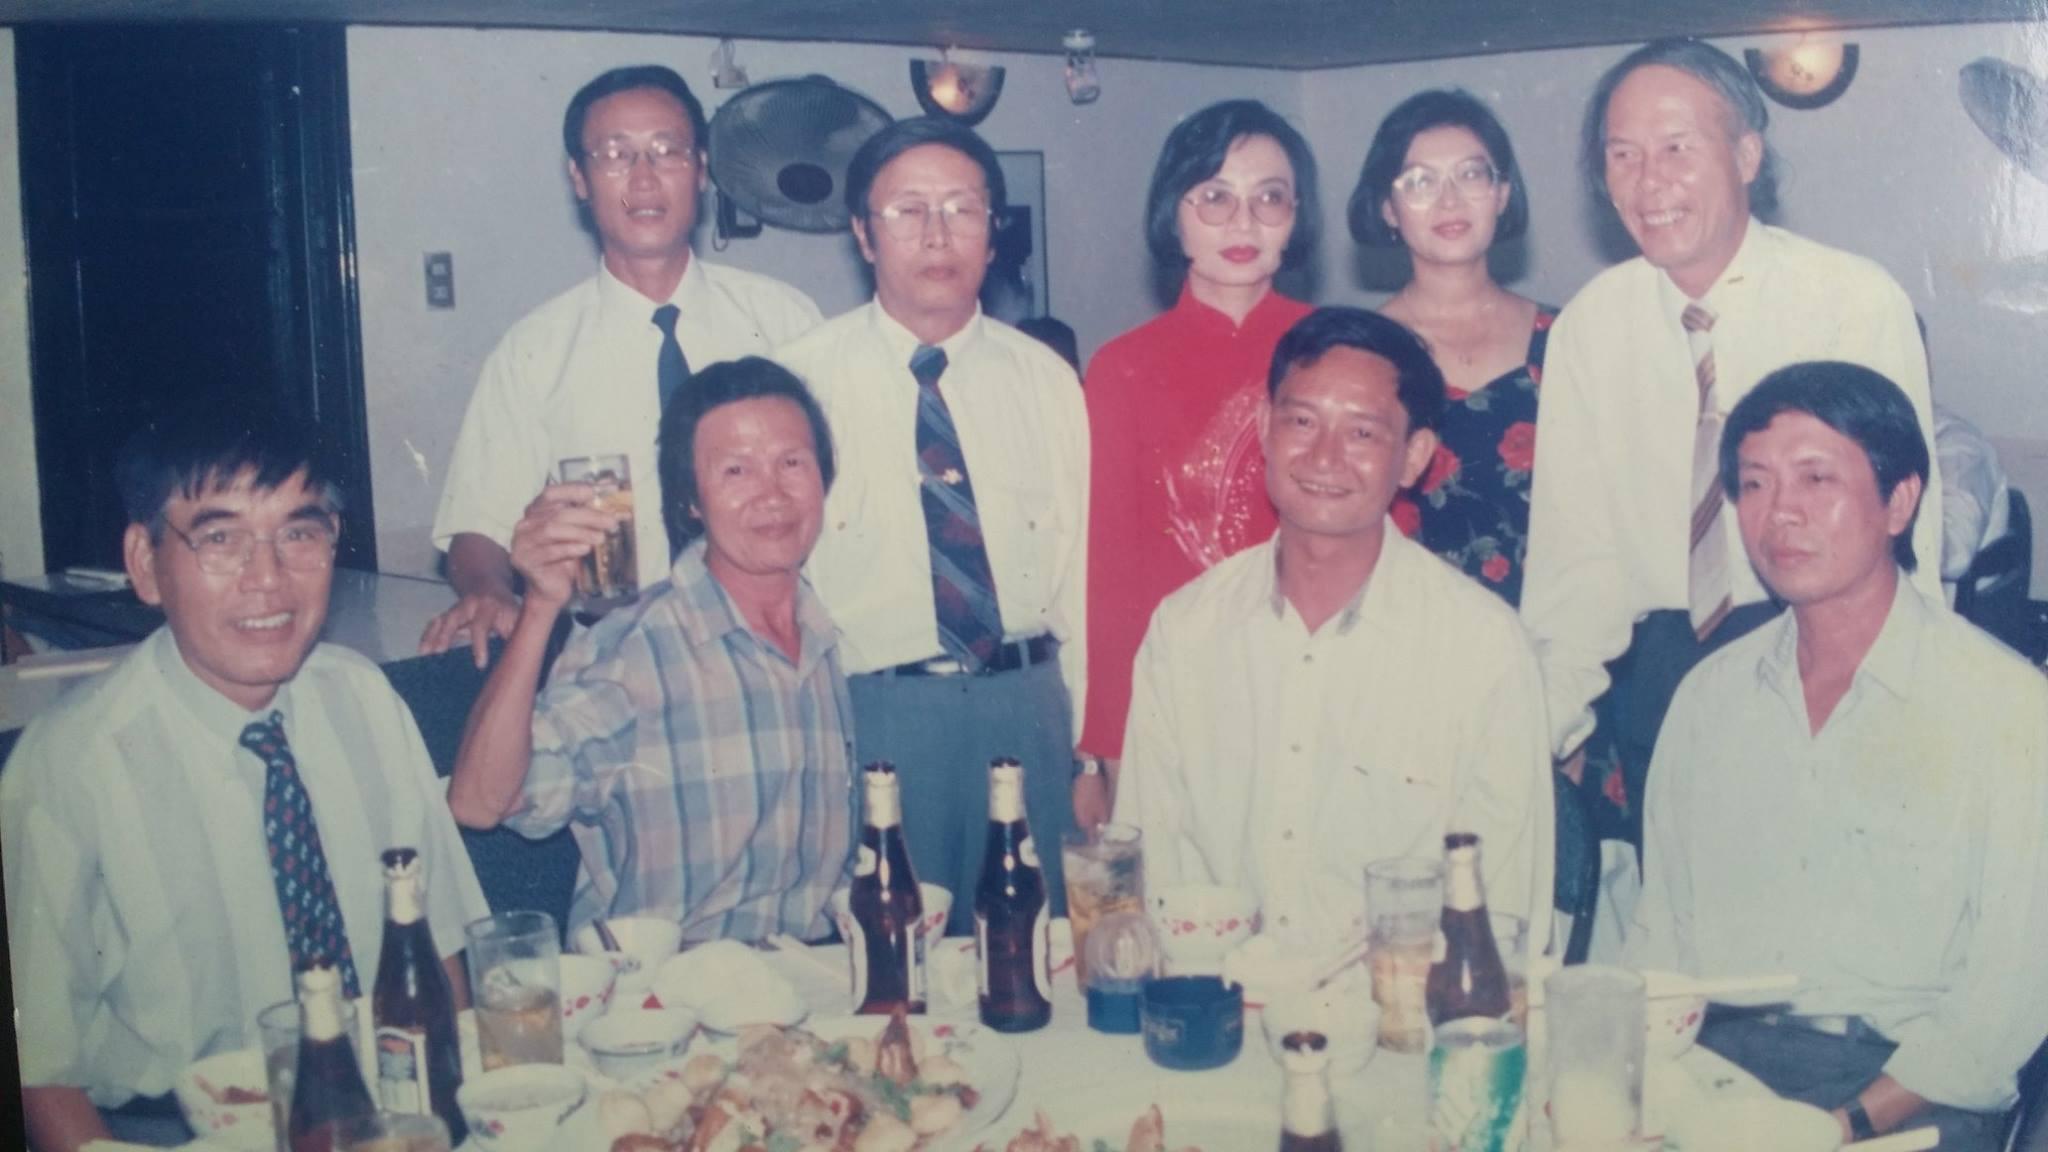 Nhà thơ Thanh Tùng cùng các nhà văn, nhà thơ Trần Hoài Dương, Phạm Đình Trọng, Văn Lê, Thái Thăng Long. Ảnh của nhà văn Phạm Đình Trọng